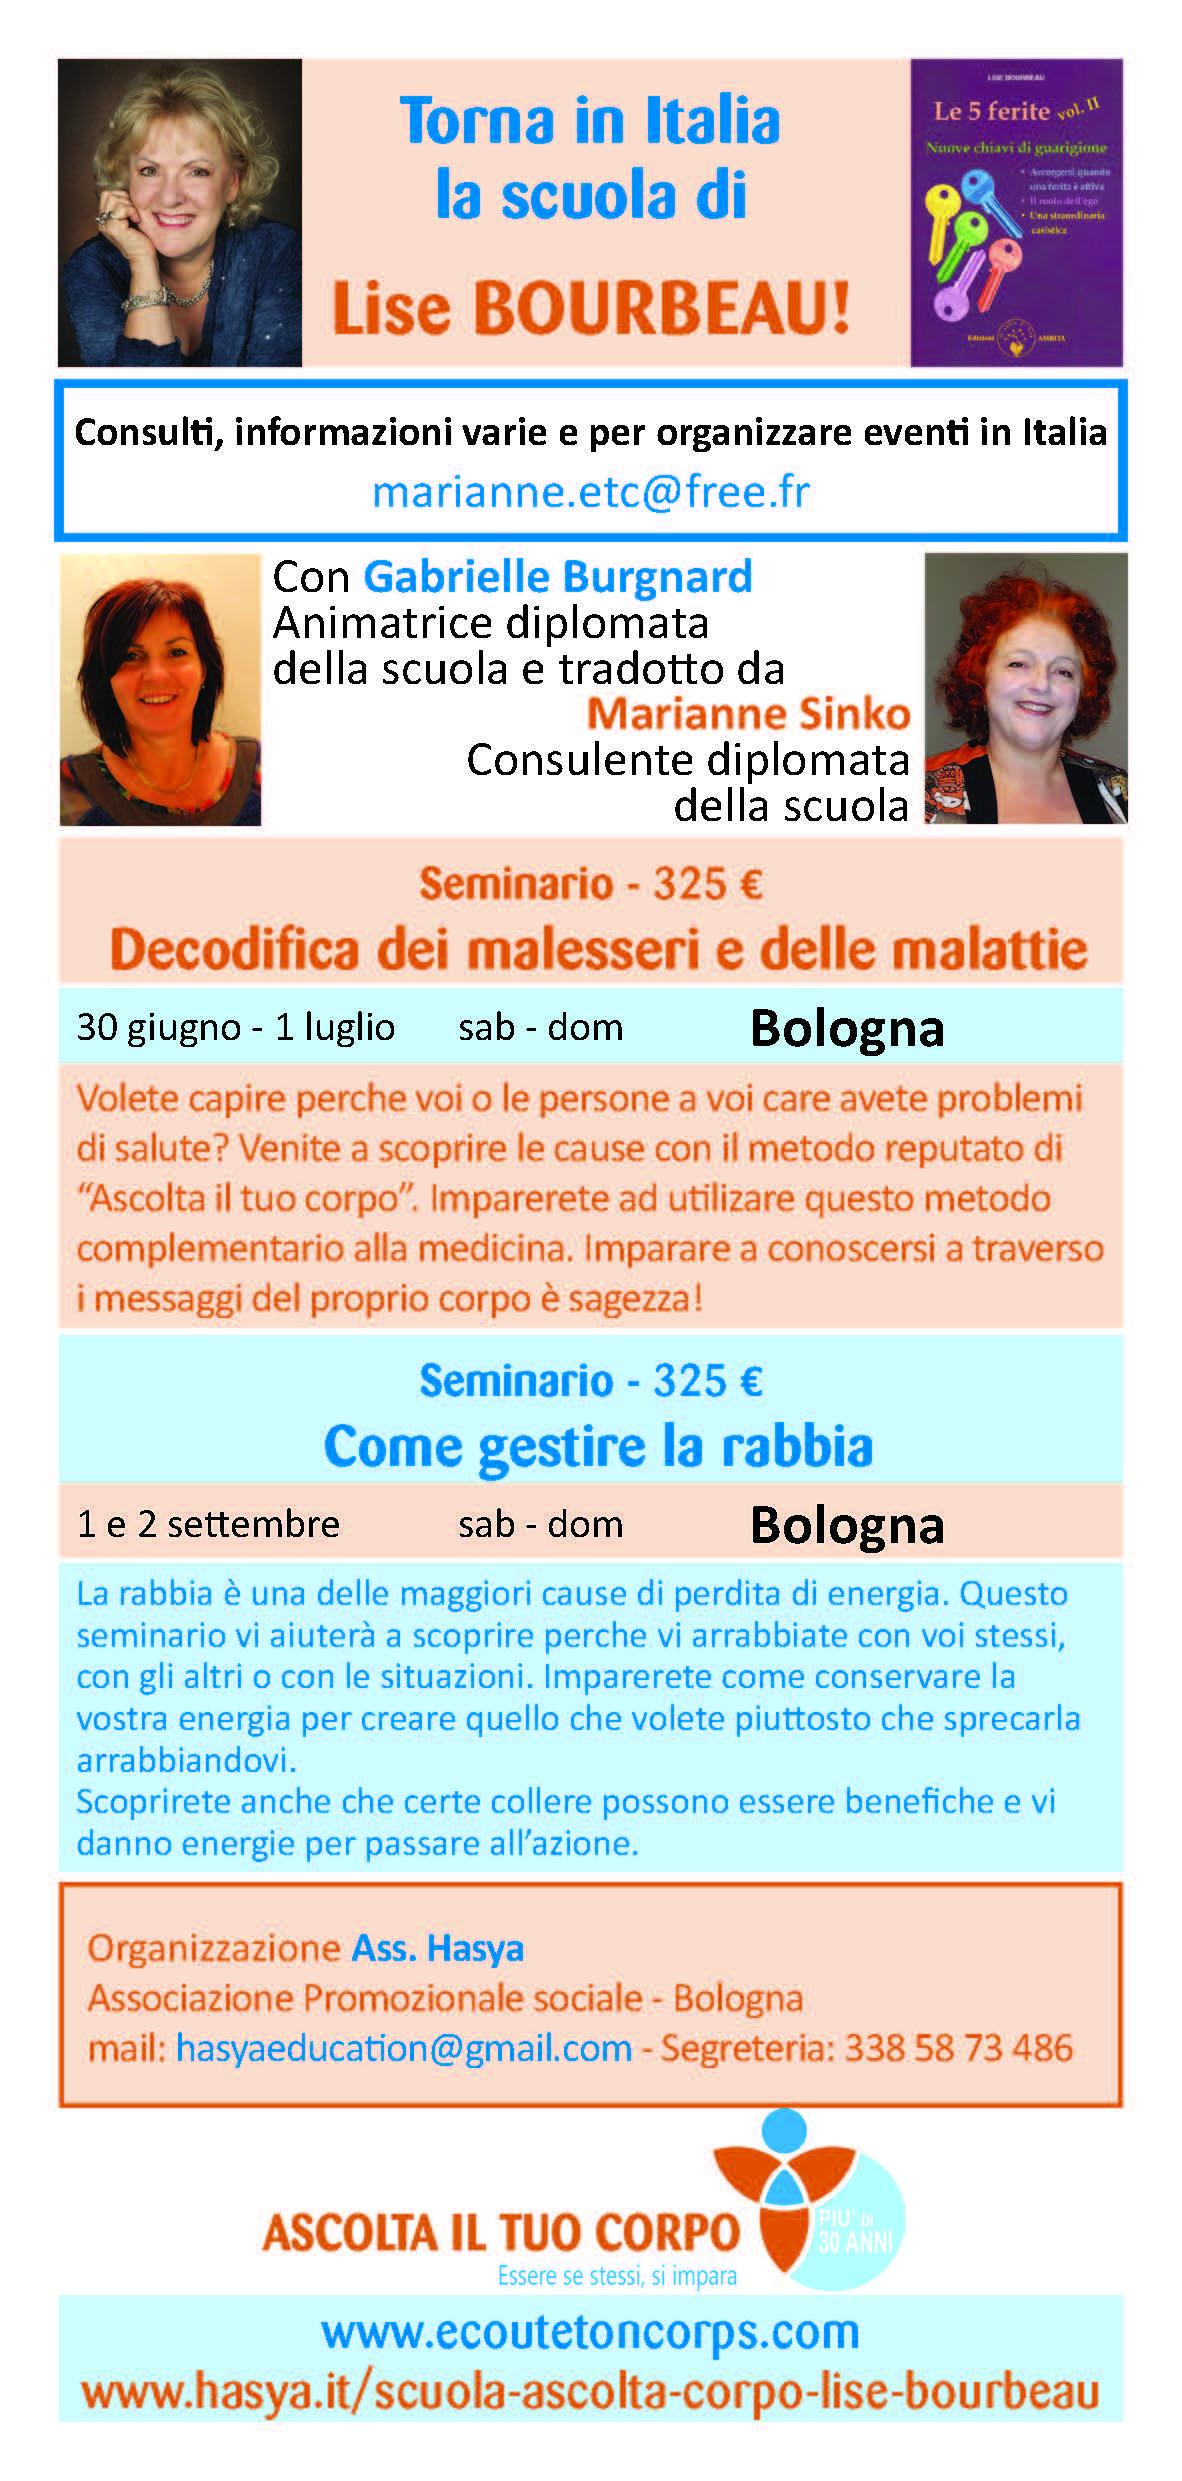 Bologna-Decodifica_dei_malesseri